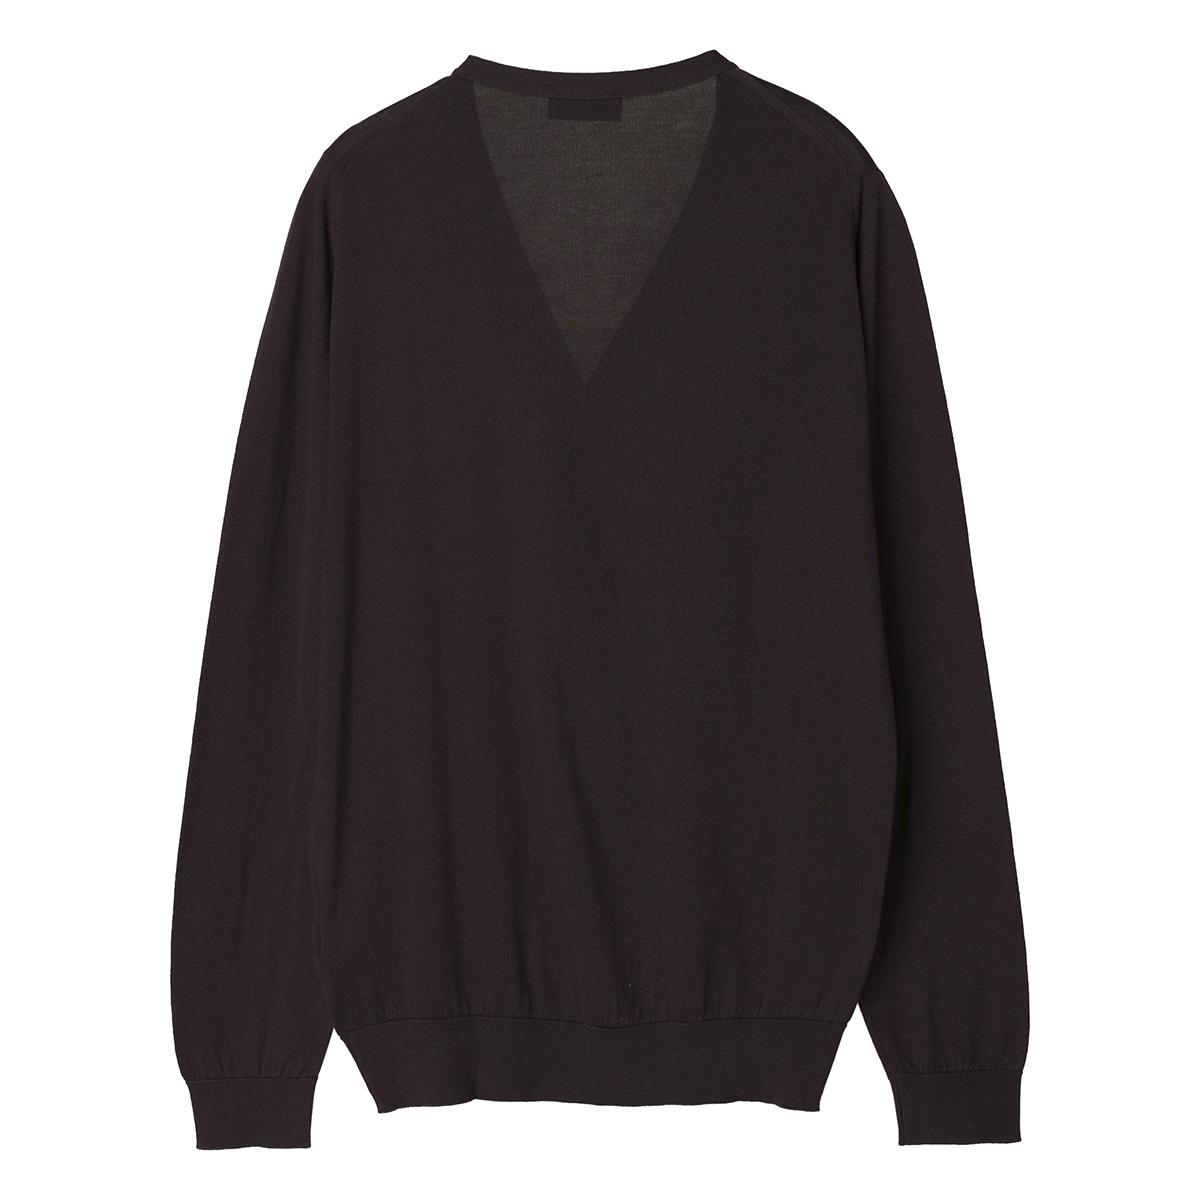 【アウトレット】【ロングセラー】JOHN SMEDLEY ジョンスメドレー カーディガン/WHITCHURCH ウィッチチャーチ 30ゲージ メンズ